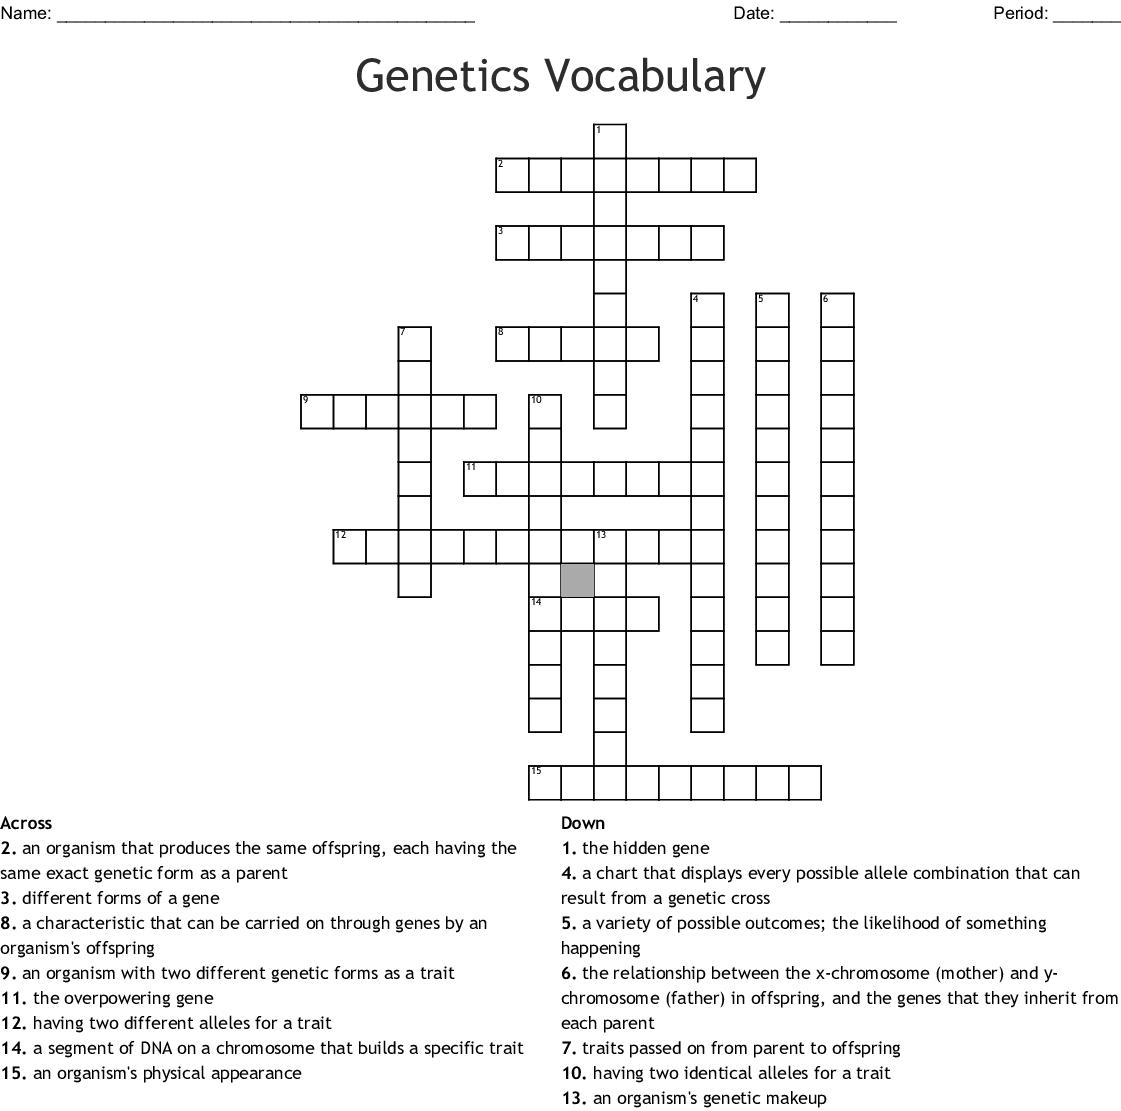 Heredity And Genetics Vocabulary Crossword